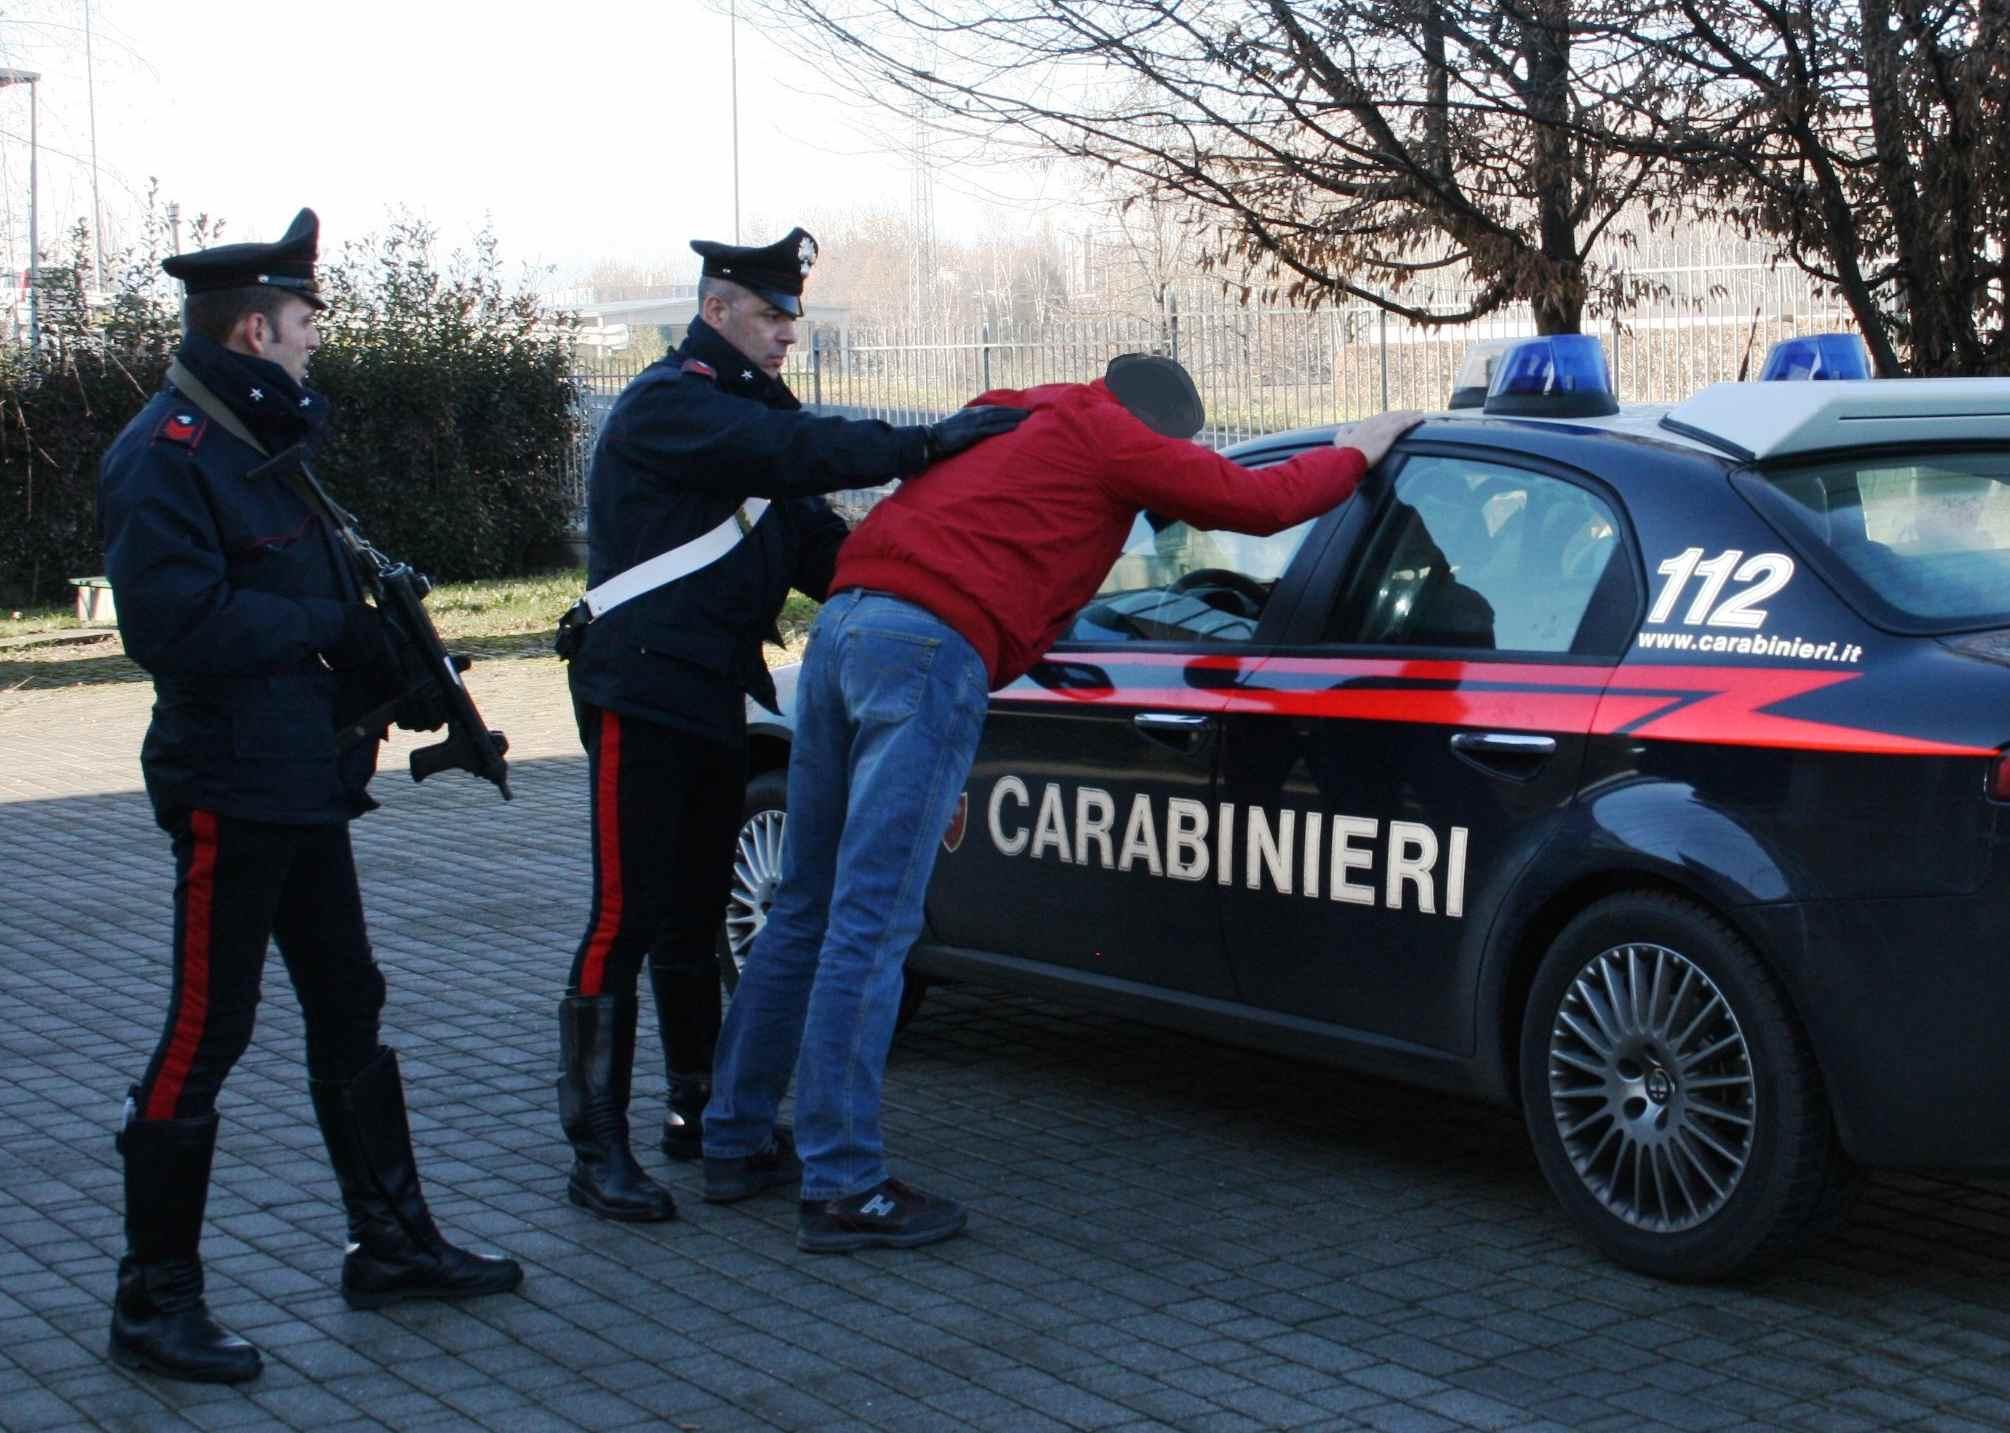 La Guida - Tre uomini arrestati e portati in carcere